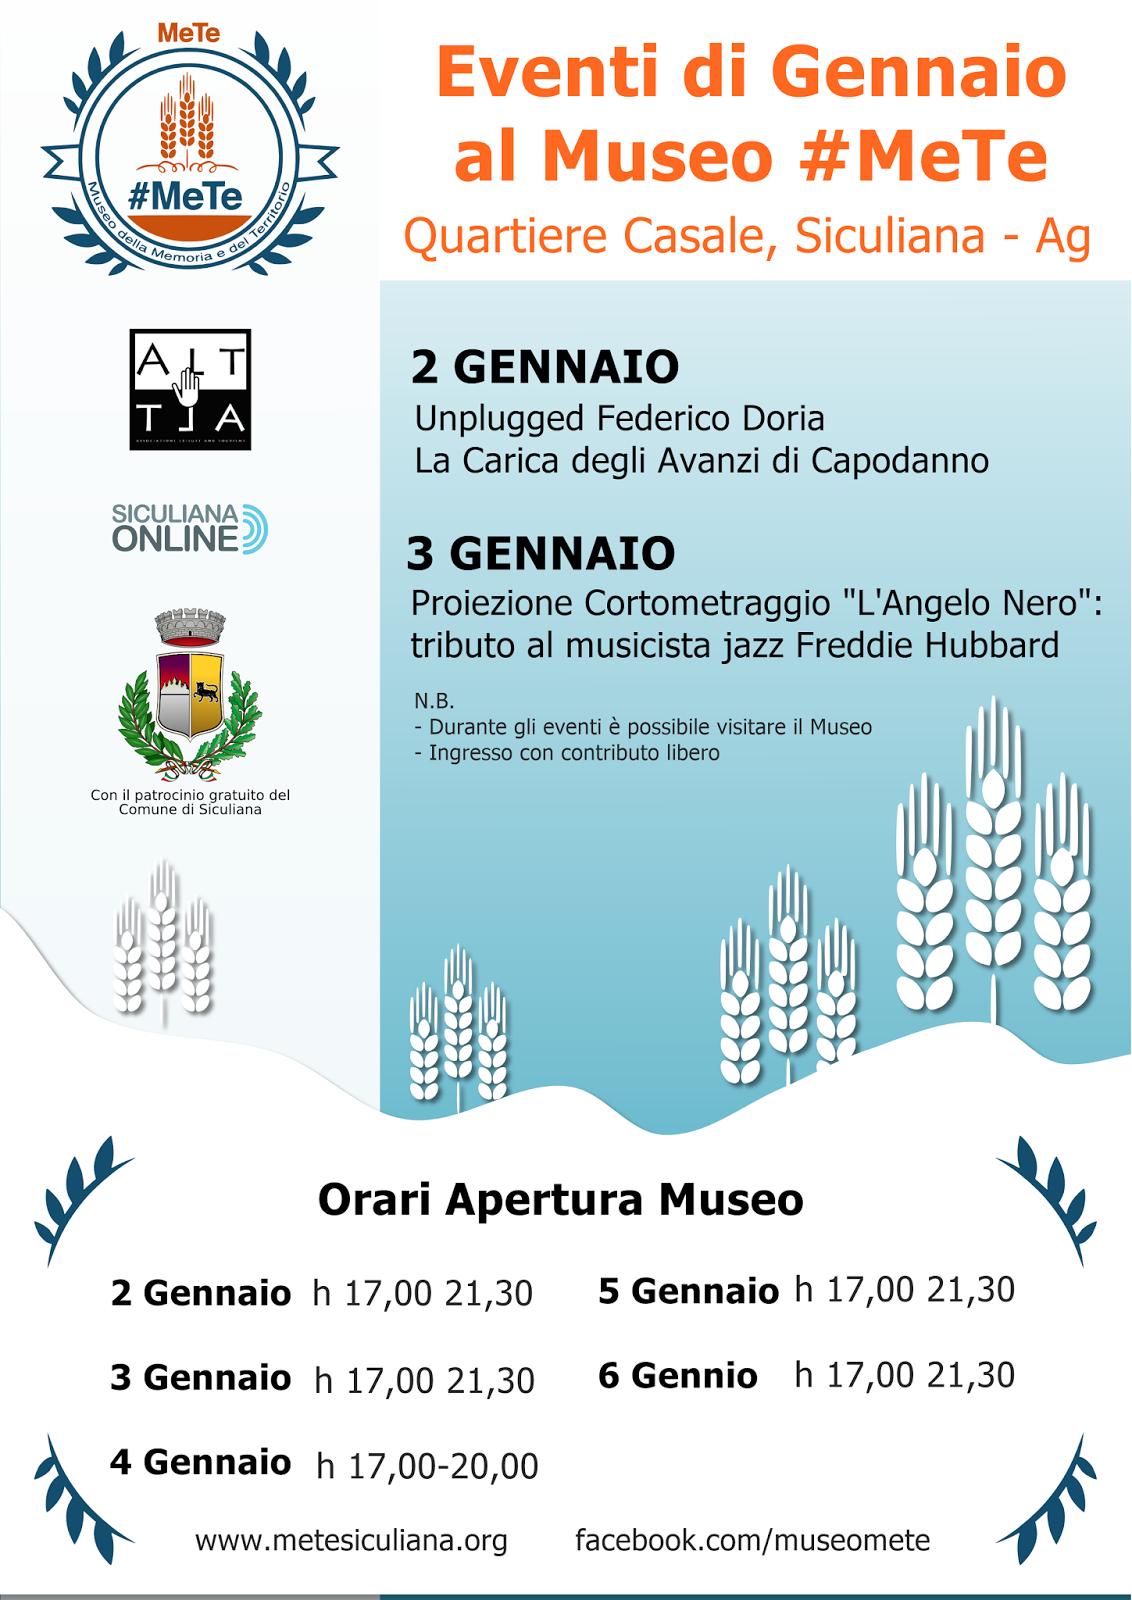 Eventi di Gennaio al Museo #MeTe. Quartiere Casale, Siculiana - Agrigento